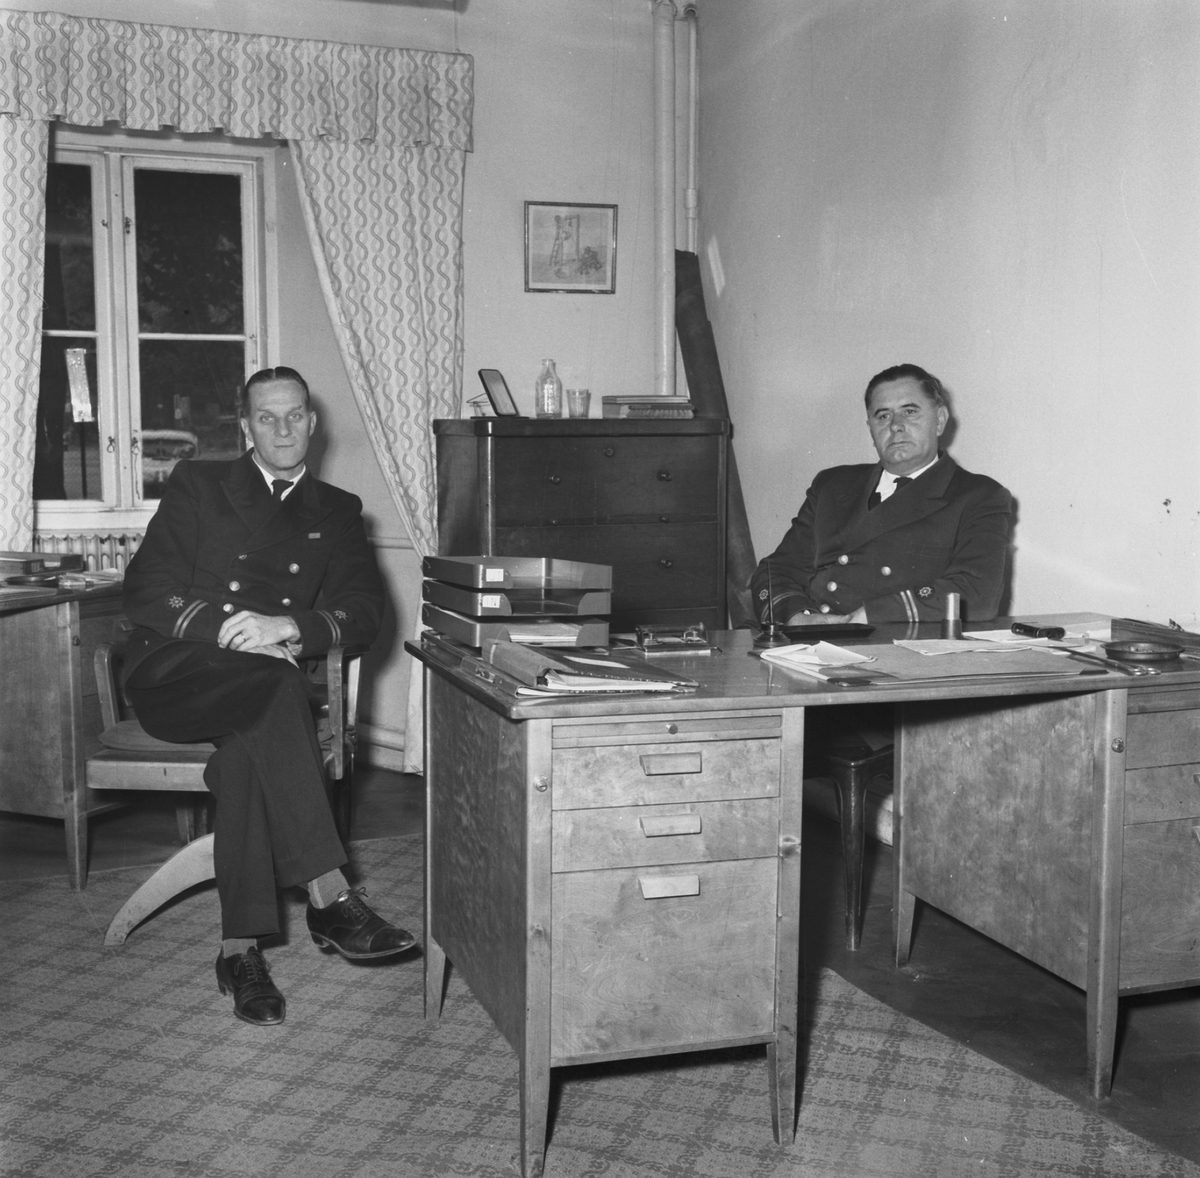 Övrigt: Ing. Palmén, kapt Oredsson, Frk Frick, flst .Julin och Björkman